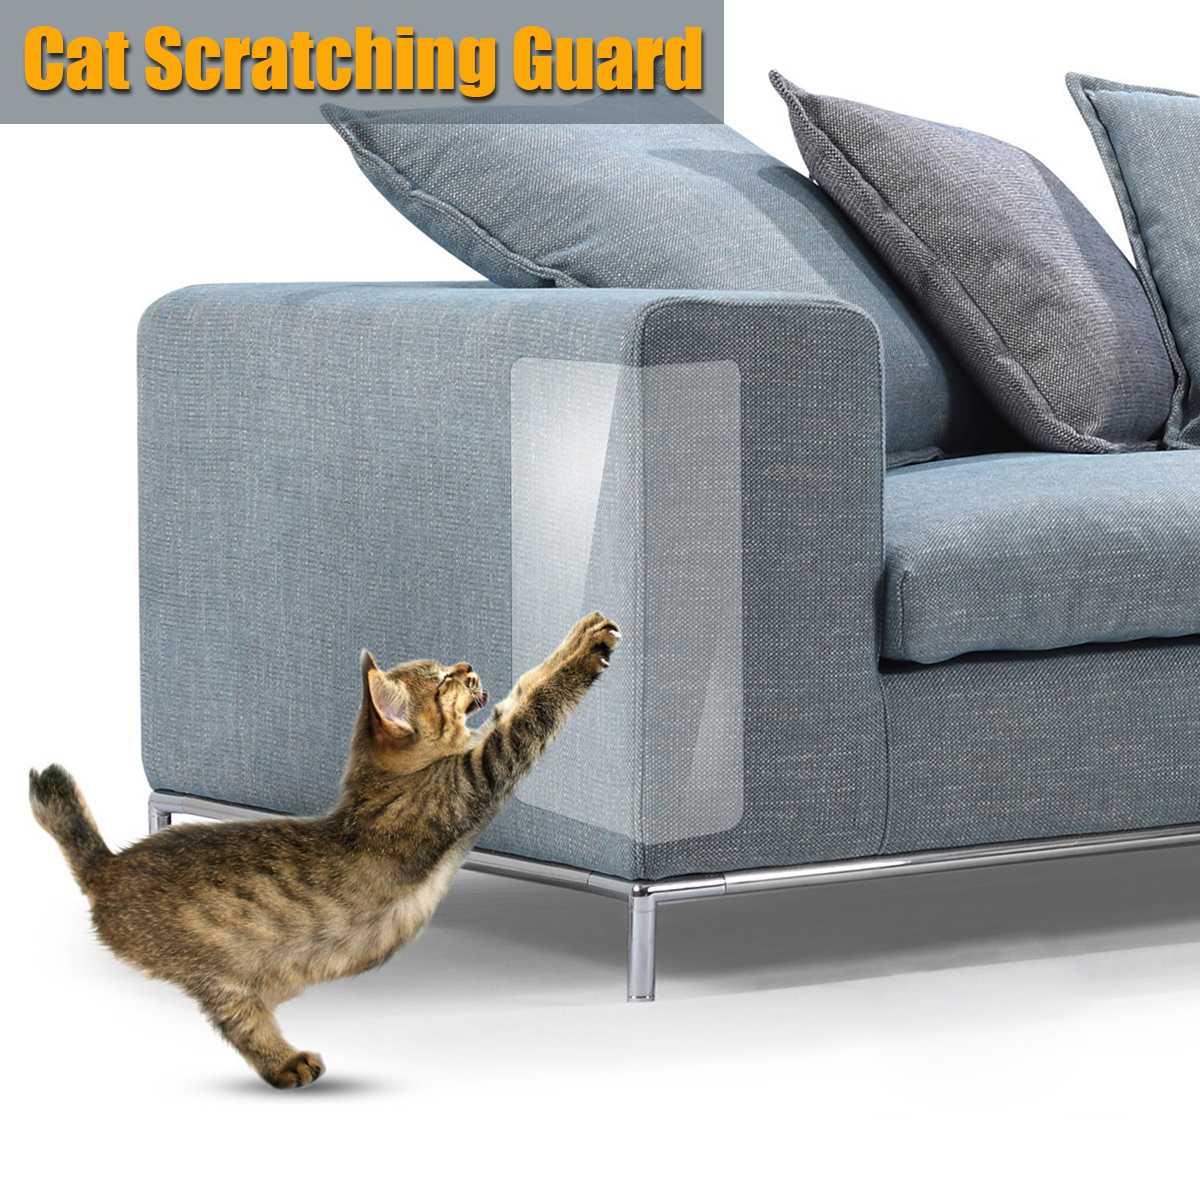 2/4 Uds., Protector de garra de gato para sofá, Protector de garra de gato sin Pinless, almohadilla protectora autoadhesie para rascar el gato, muebles para tapicería de silla de cuero